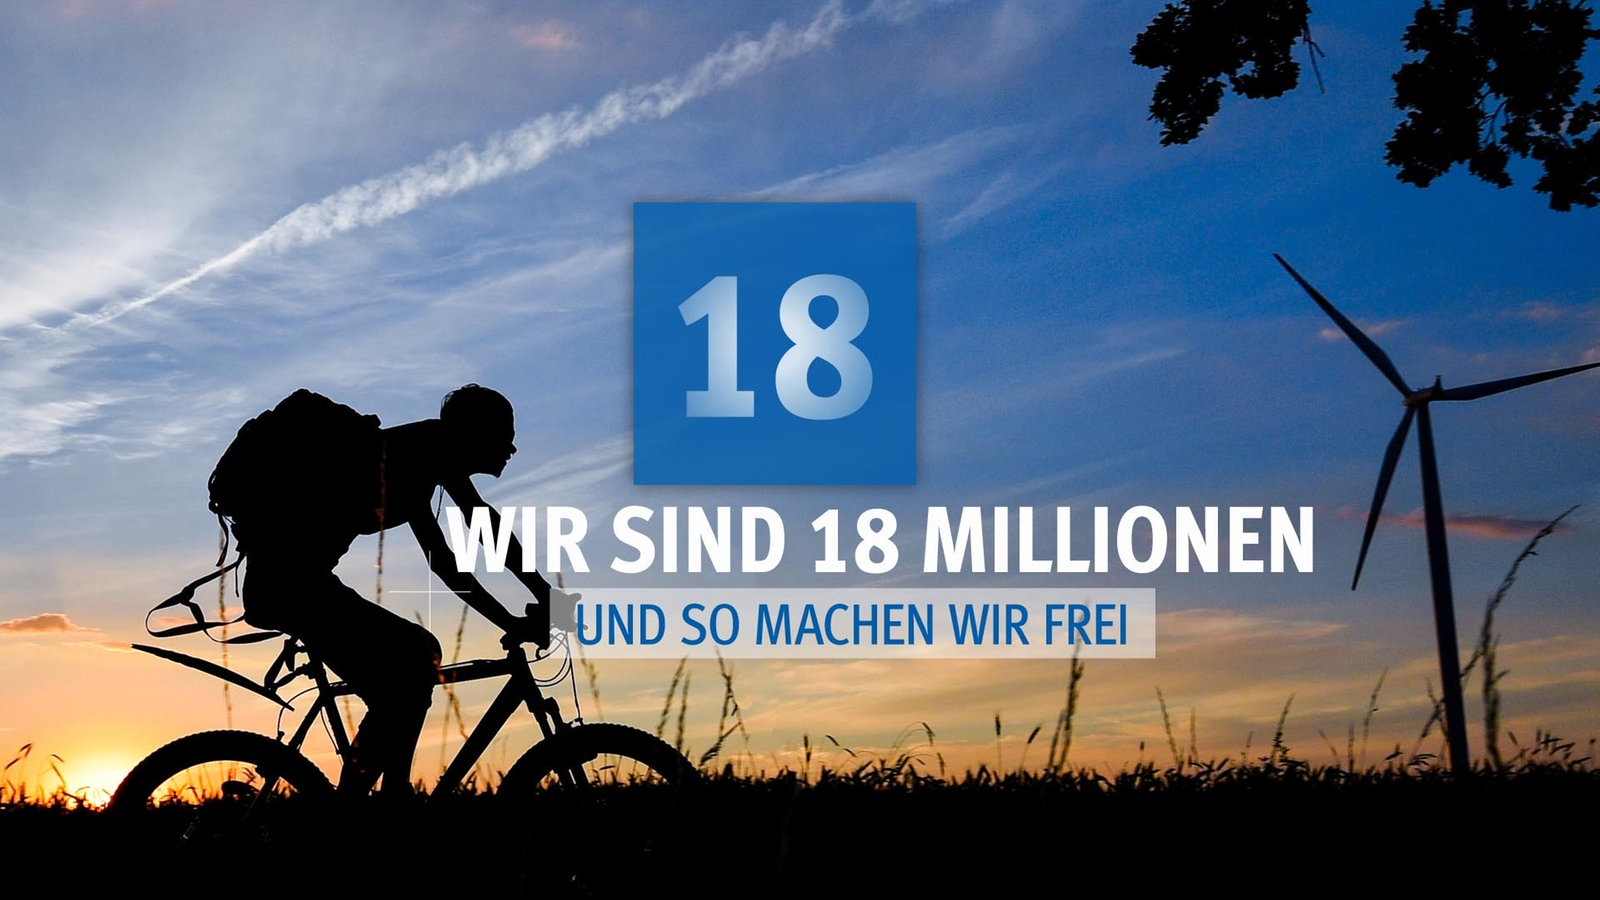 Wir Sind 18 Millionen Wdr